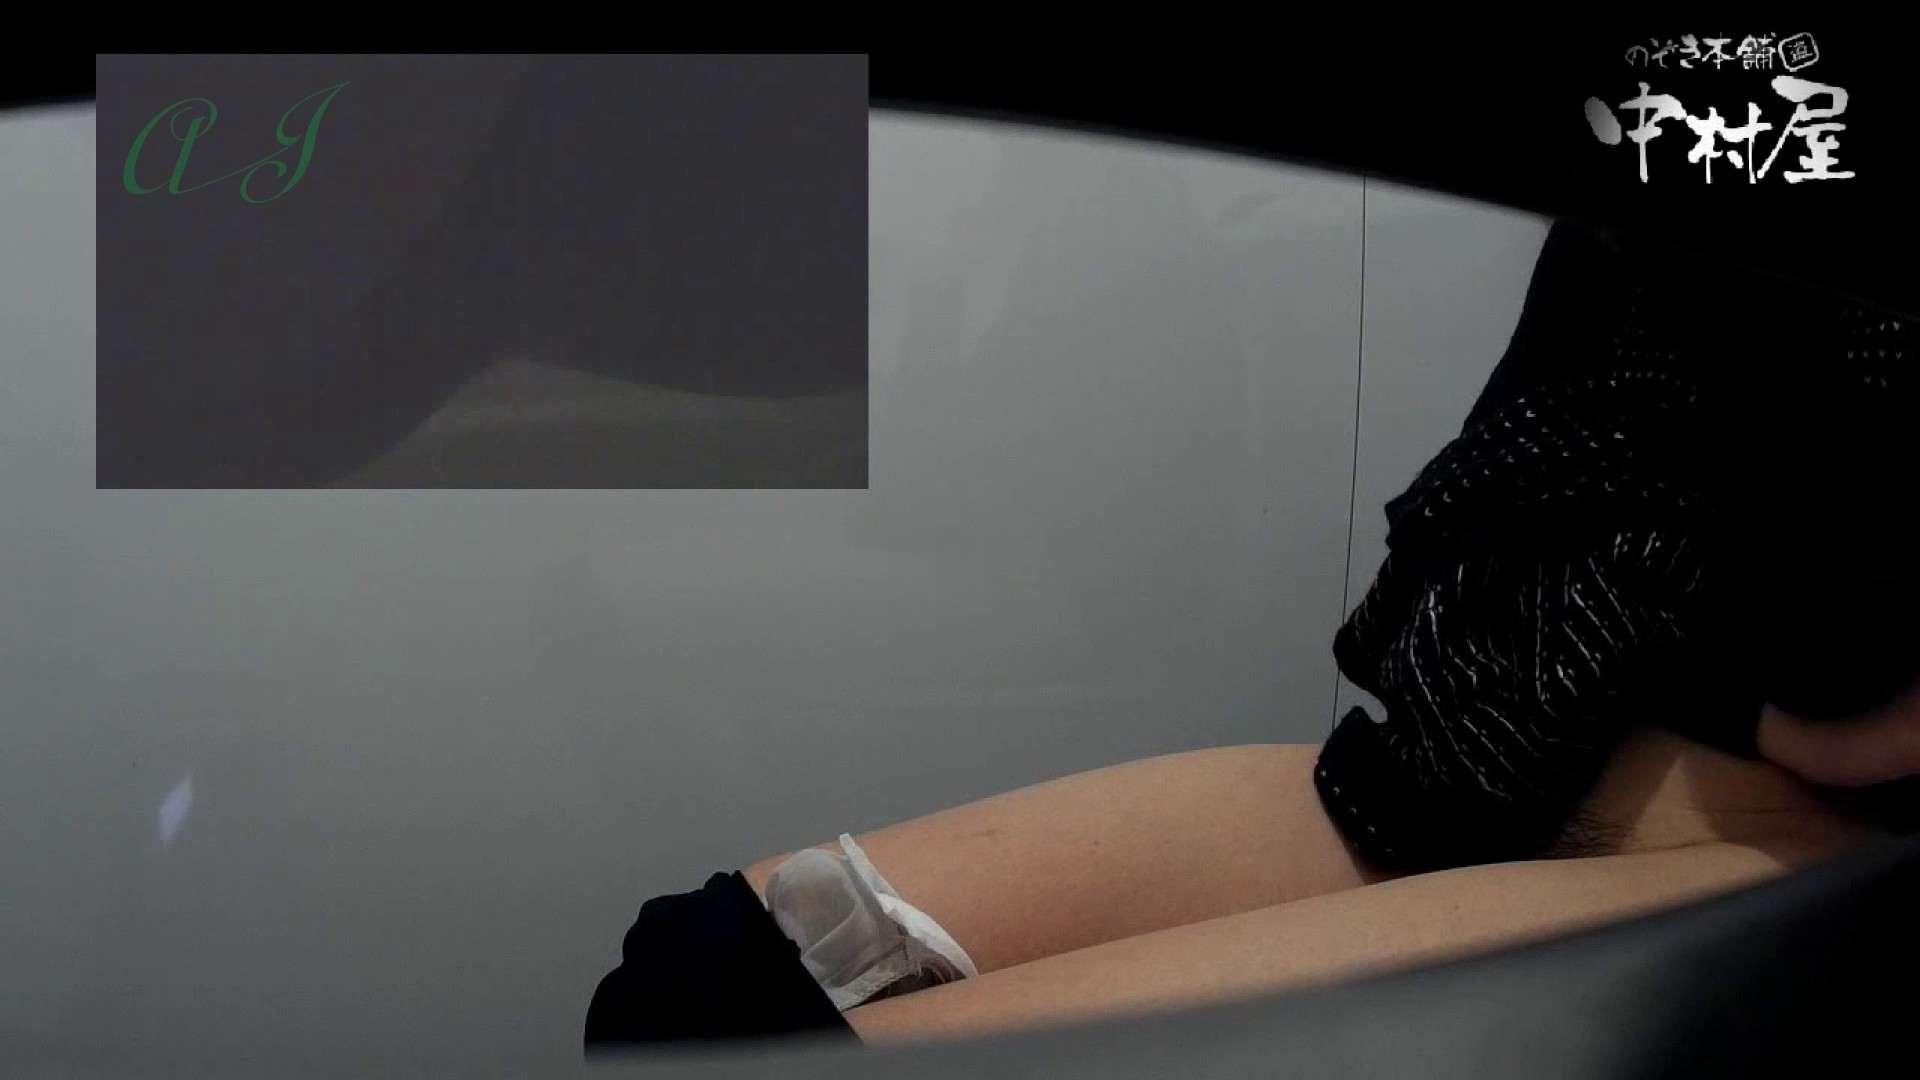 有名大学女性洗面所 vol.60 設置の神です。 OLのエロ生活 オメコ無修正動画無料 64連発 32